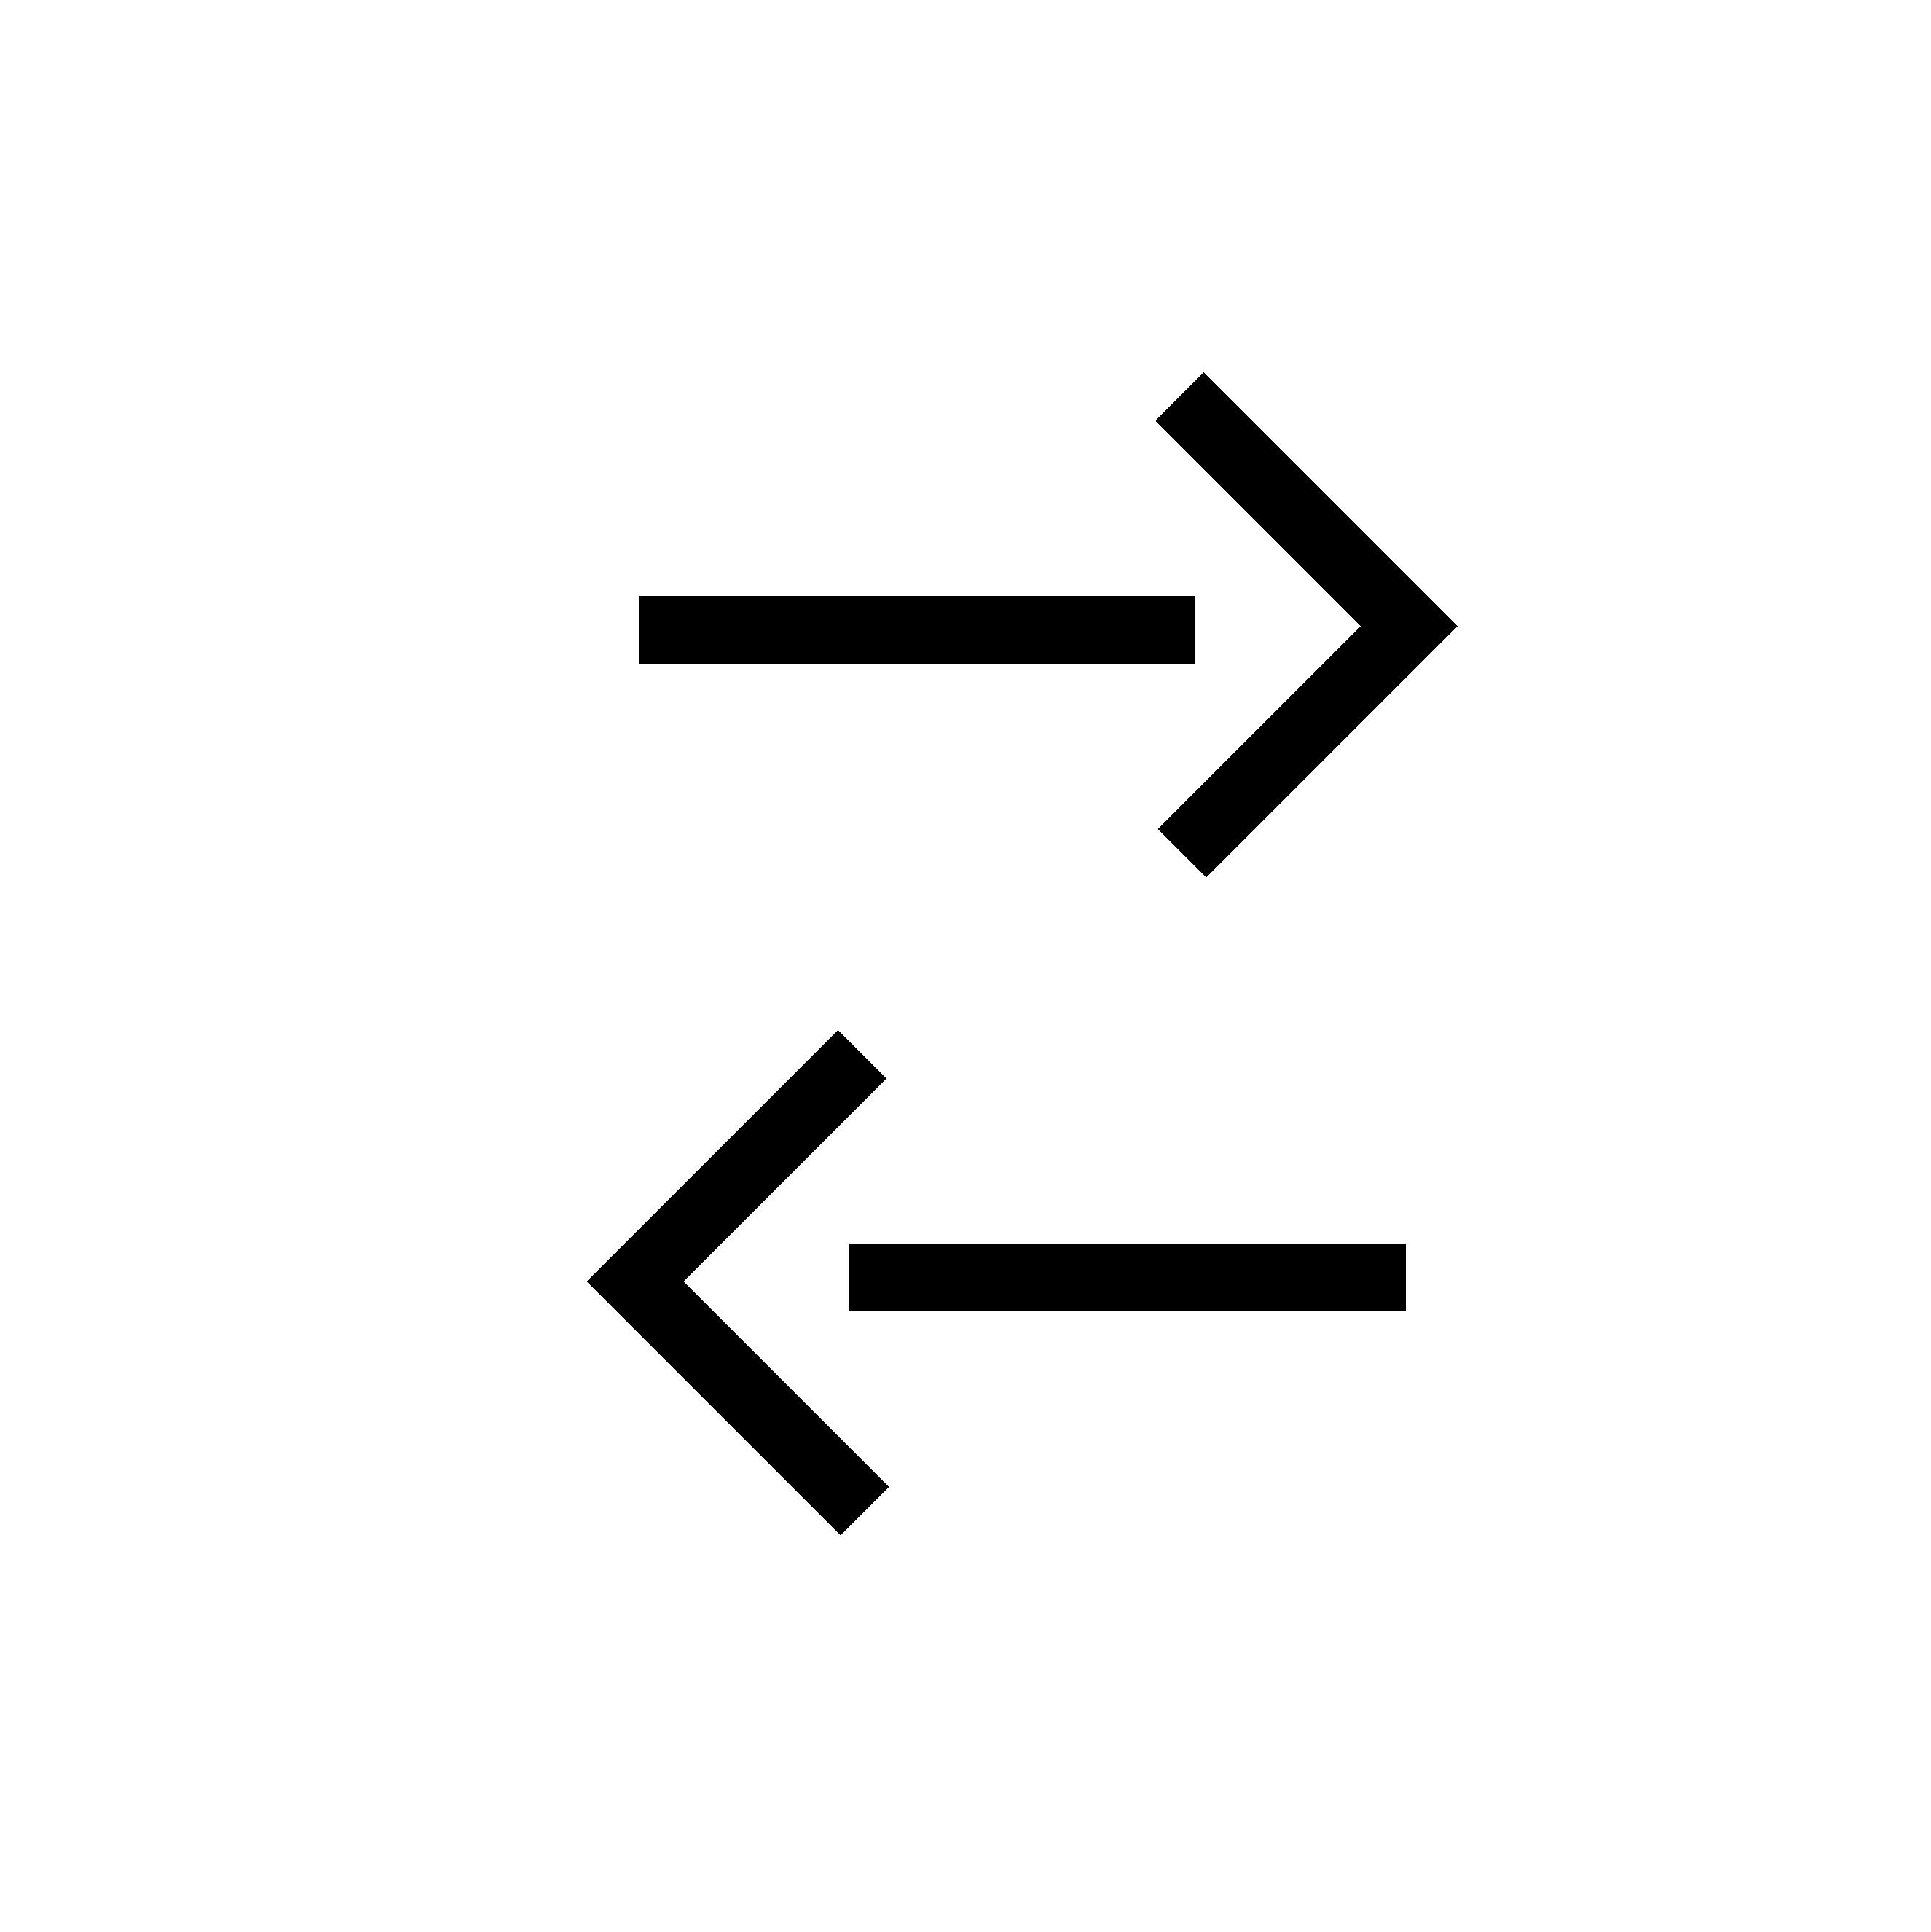 Vikar symbol